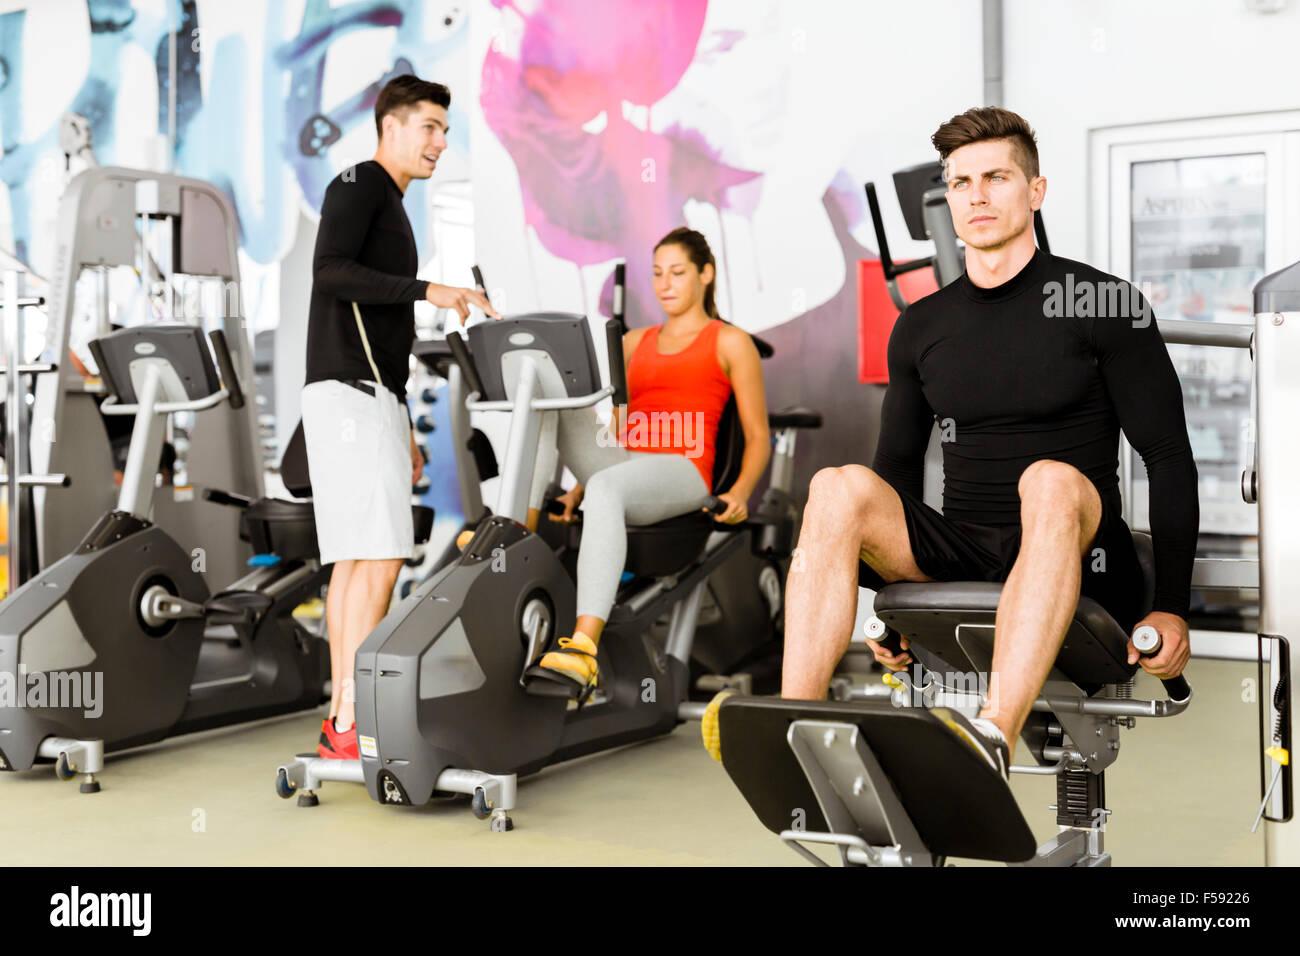 Grupo de jóvenes que trabajan juntos en un gimnasio Imagen De Stock